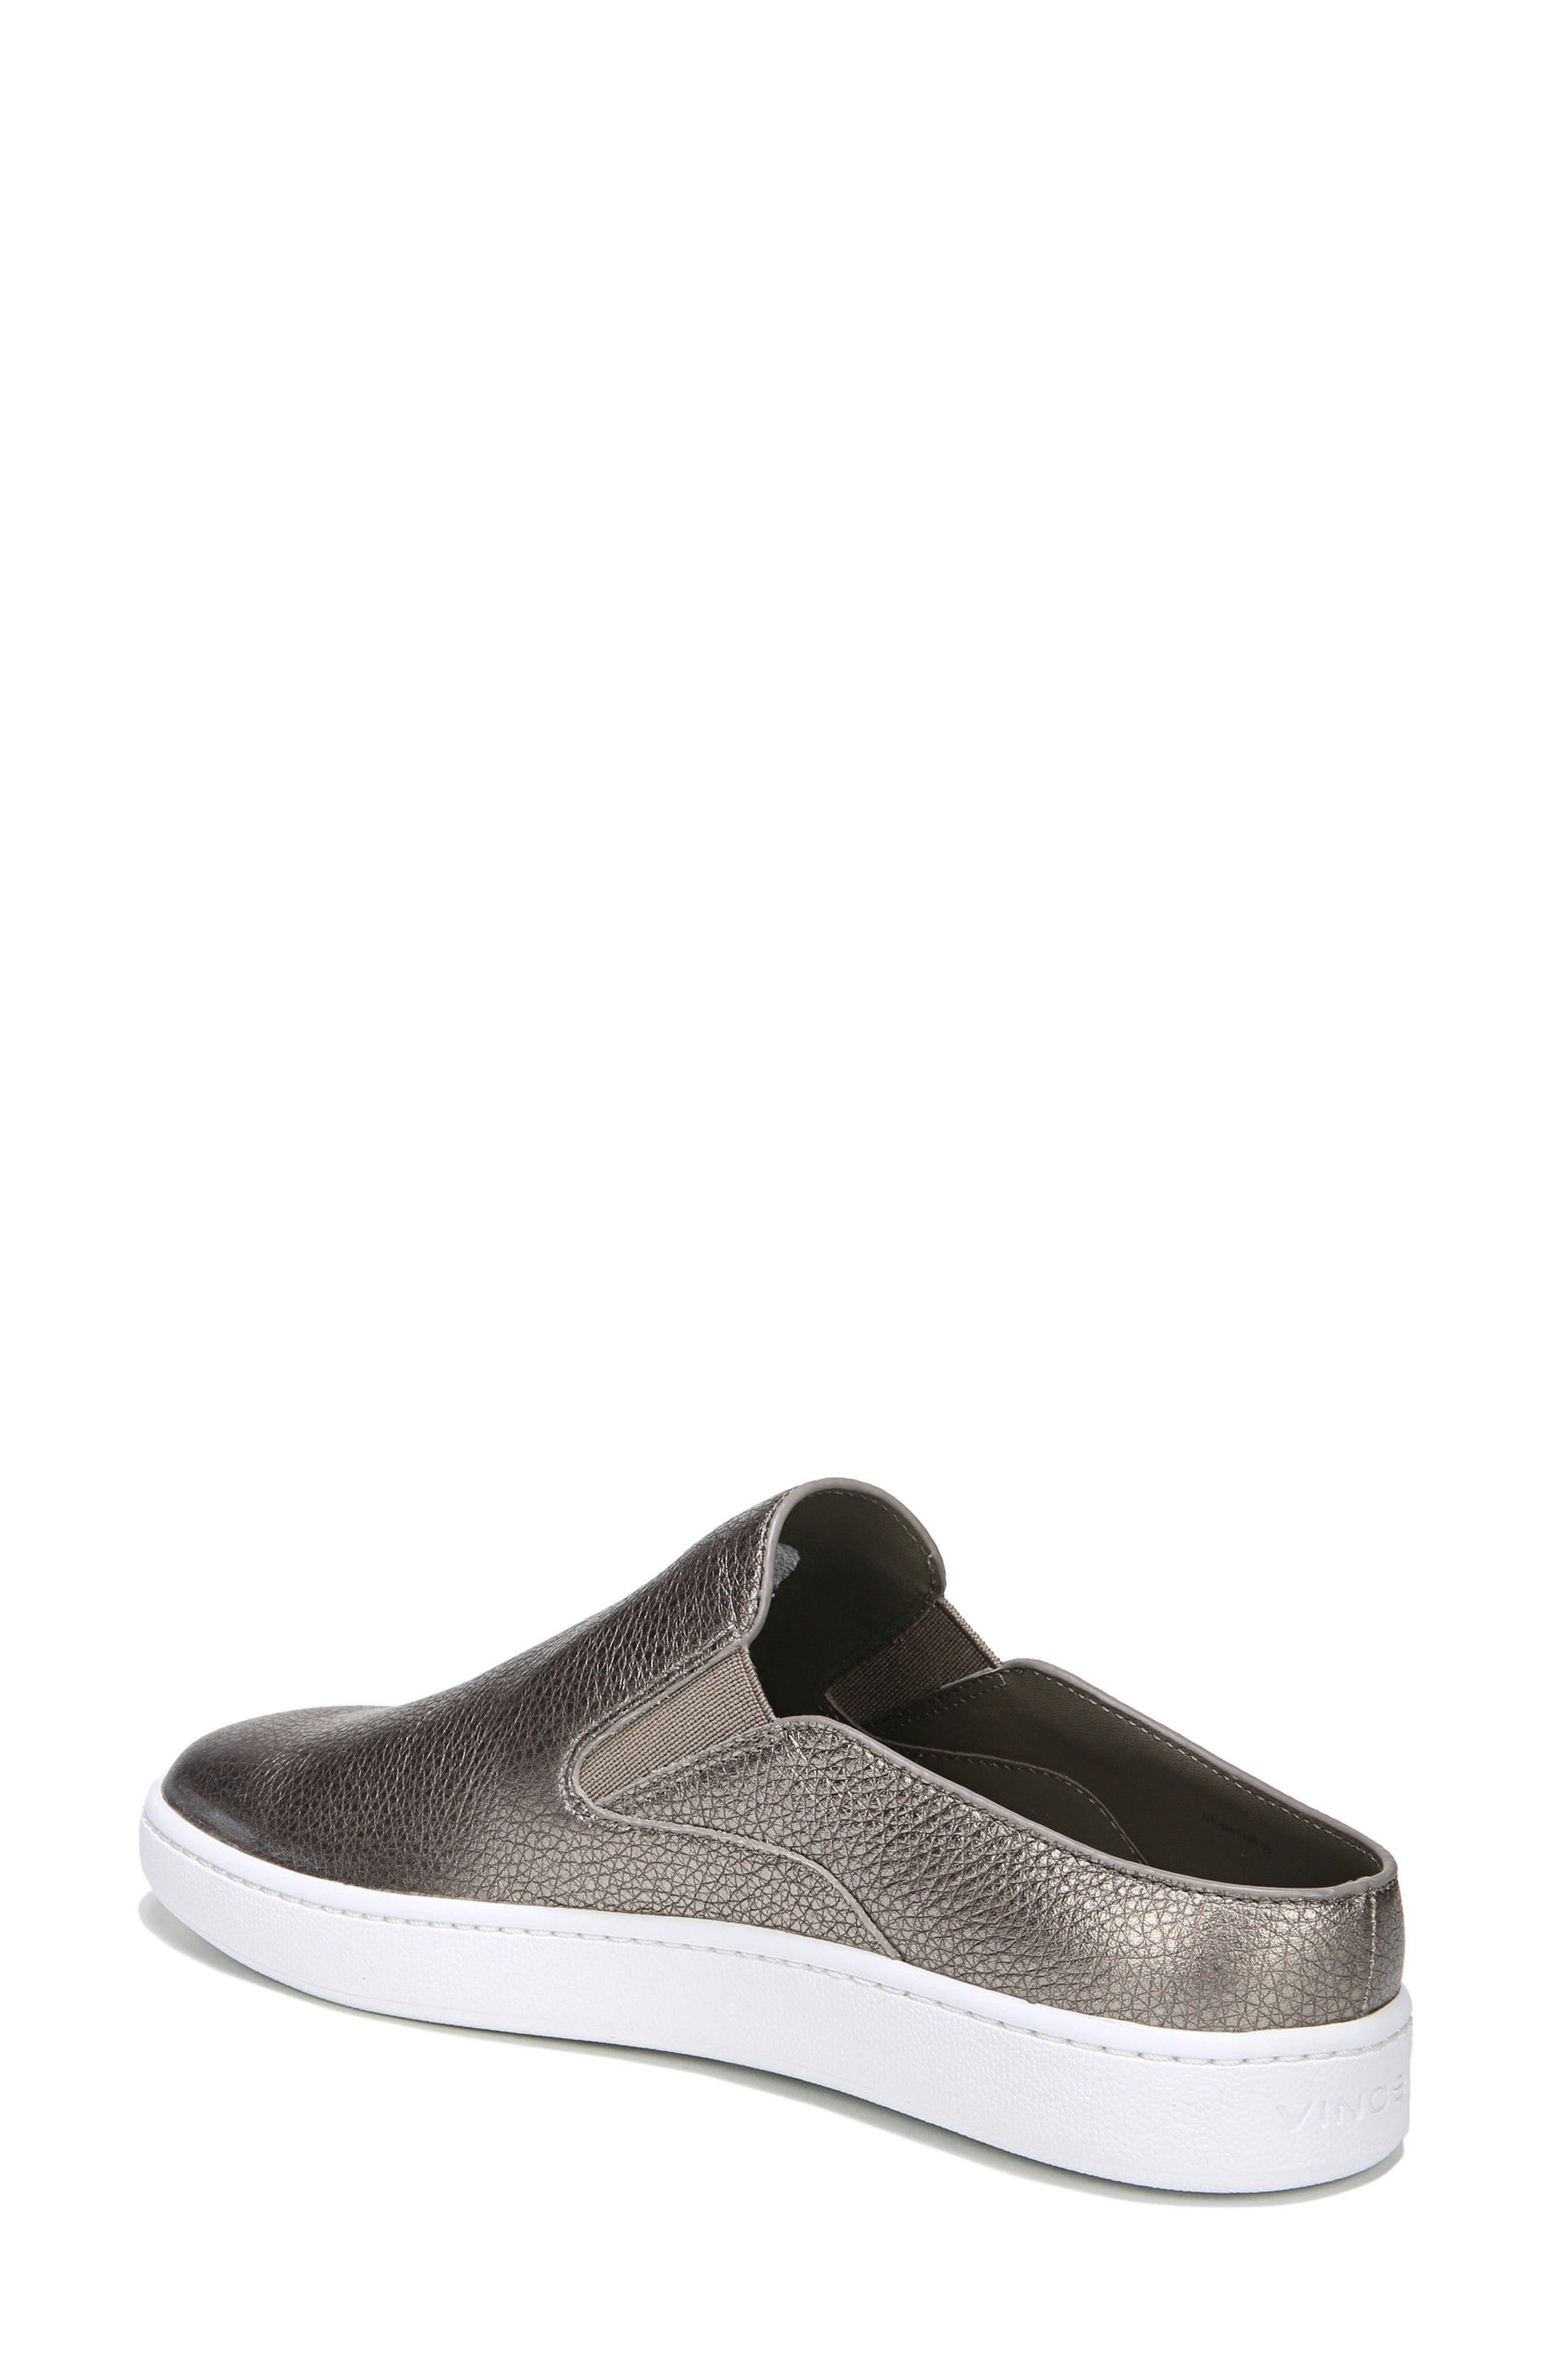 Verrell Slip-On Sneaker,                             Alternate thumbnail 14, color,